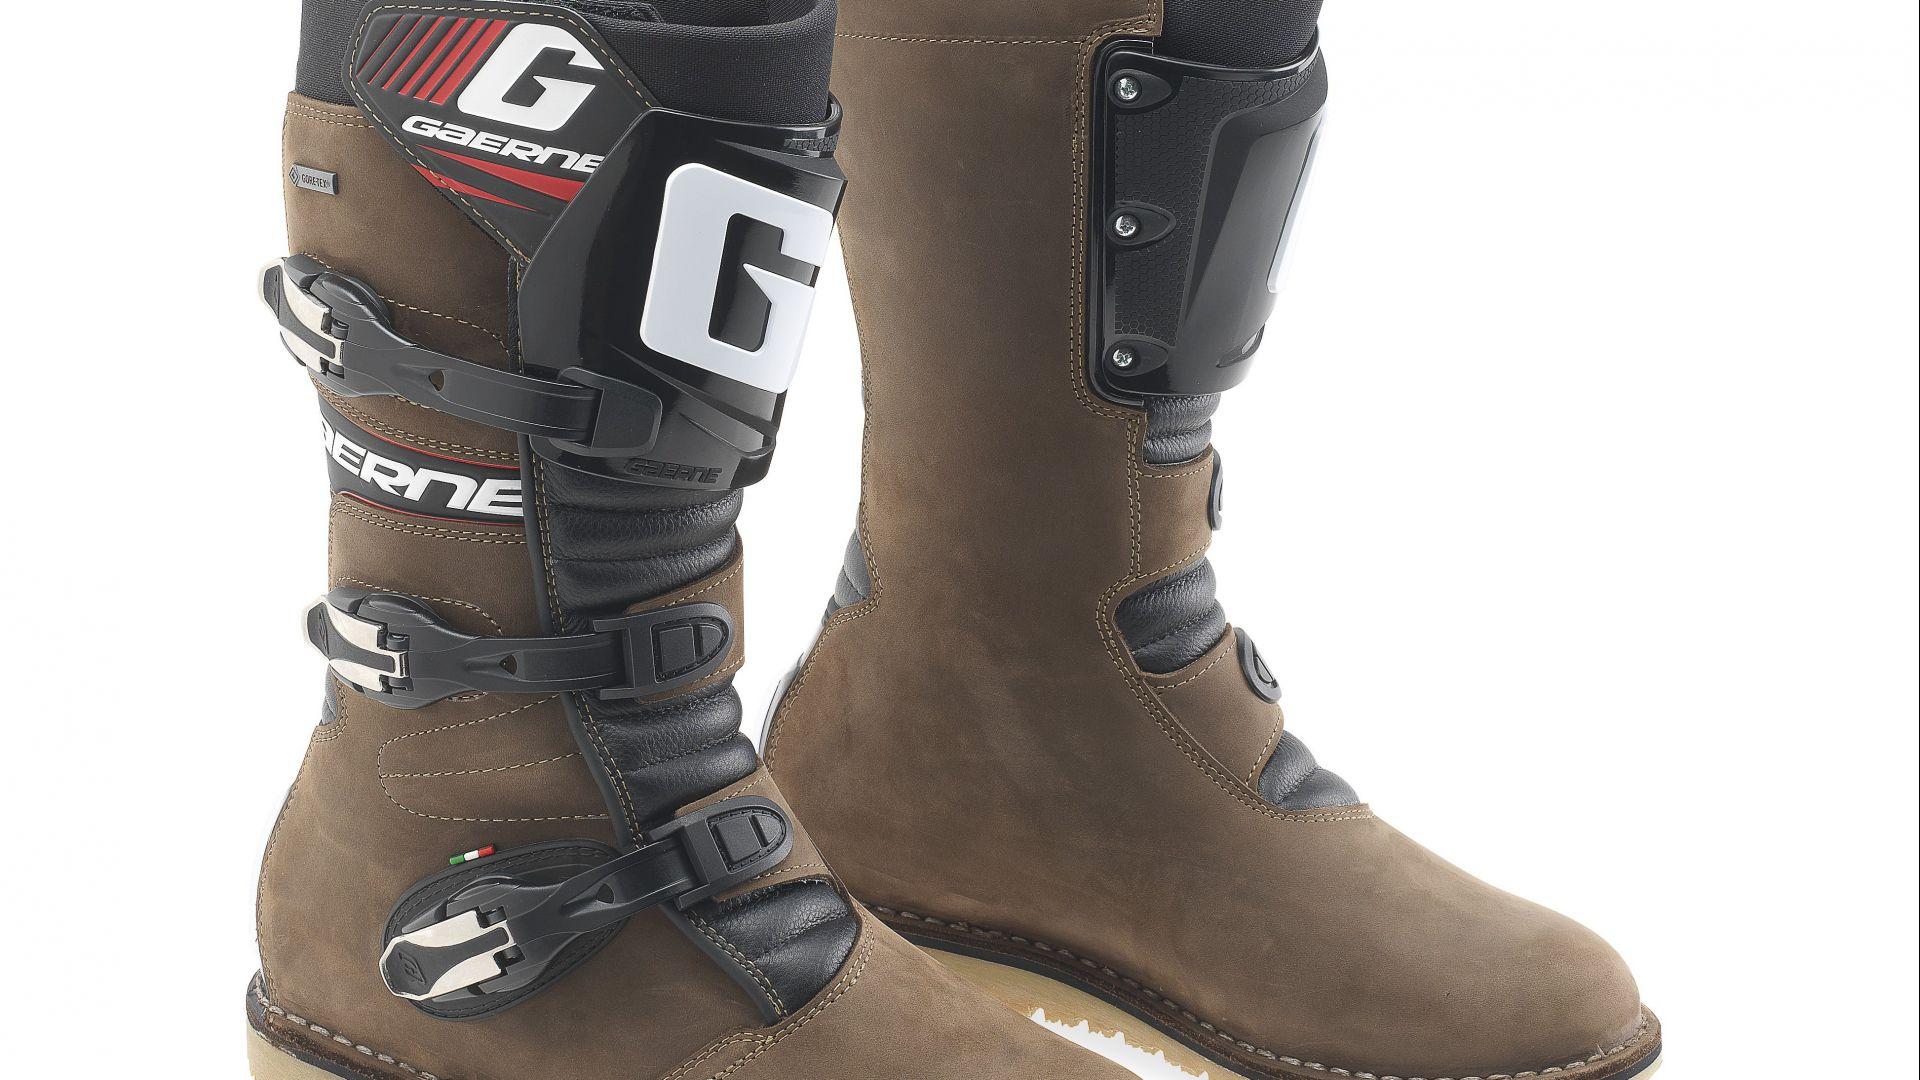 cheap for discount a2d7a f523b Abbigliamento moto: Gaerne: gli stivali della gamma Touring ...